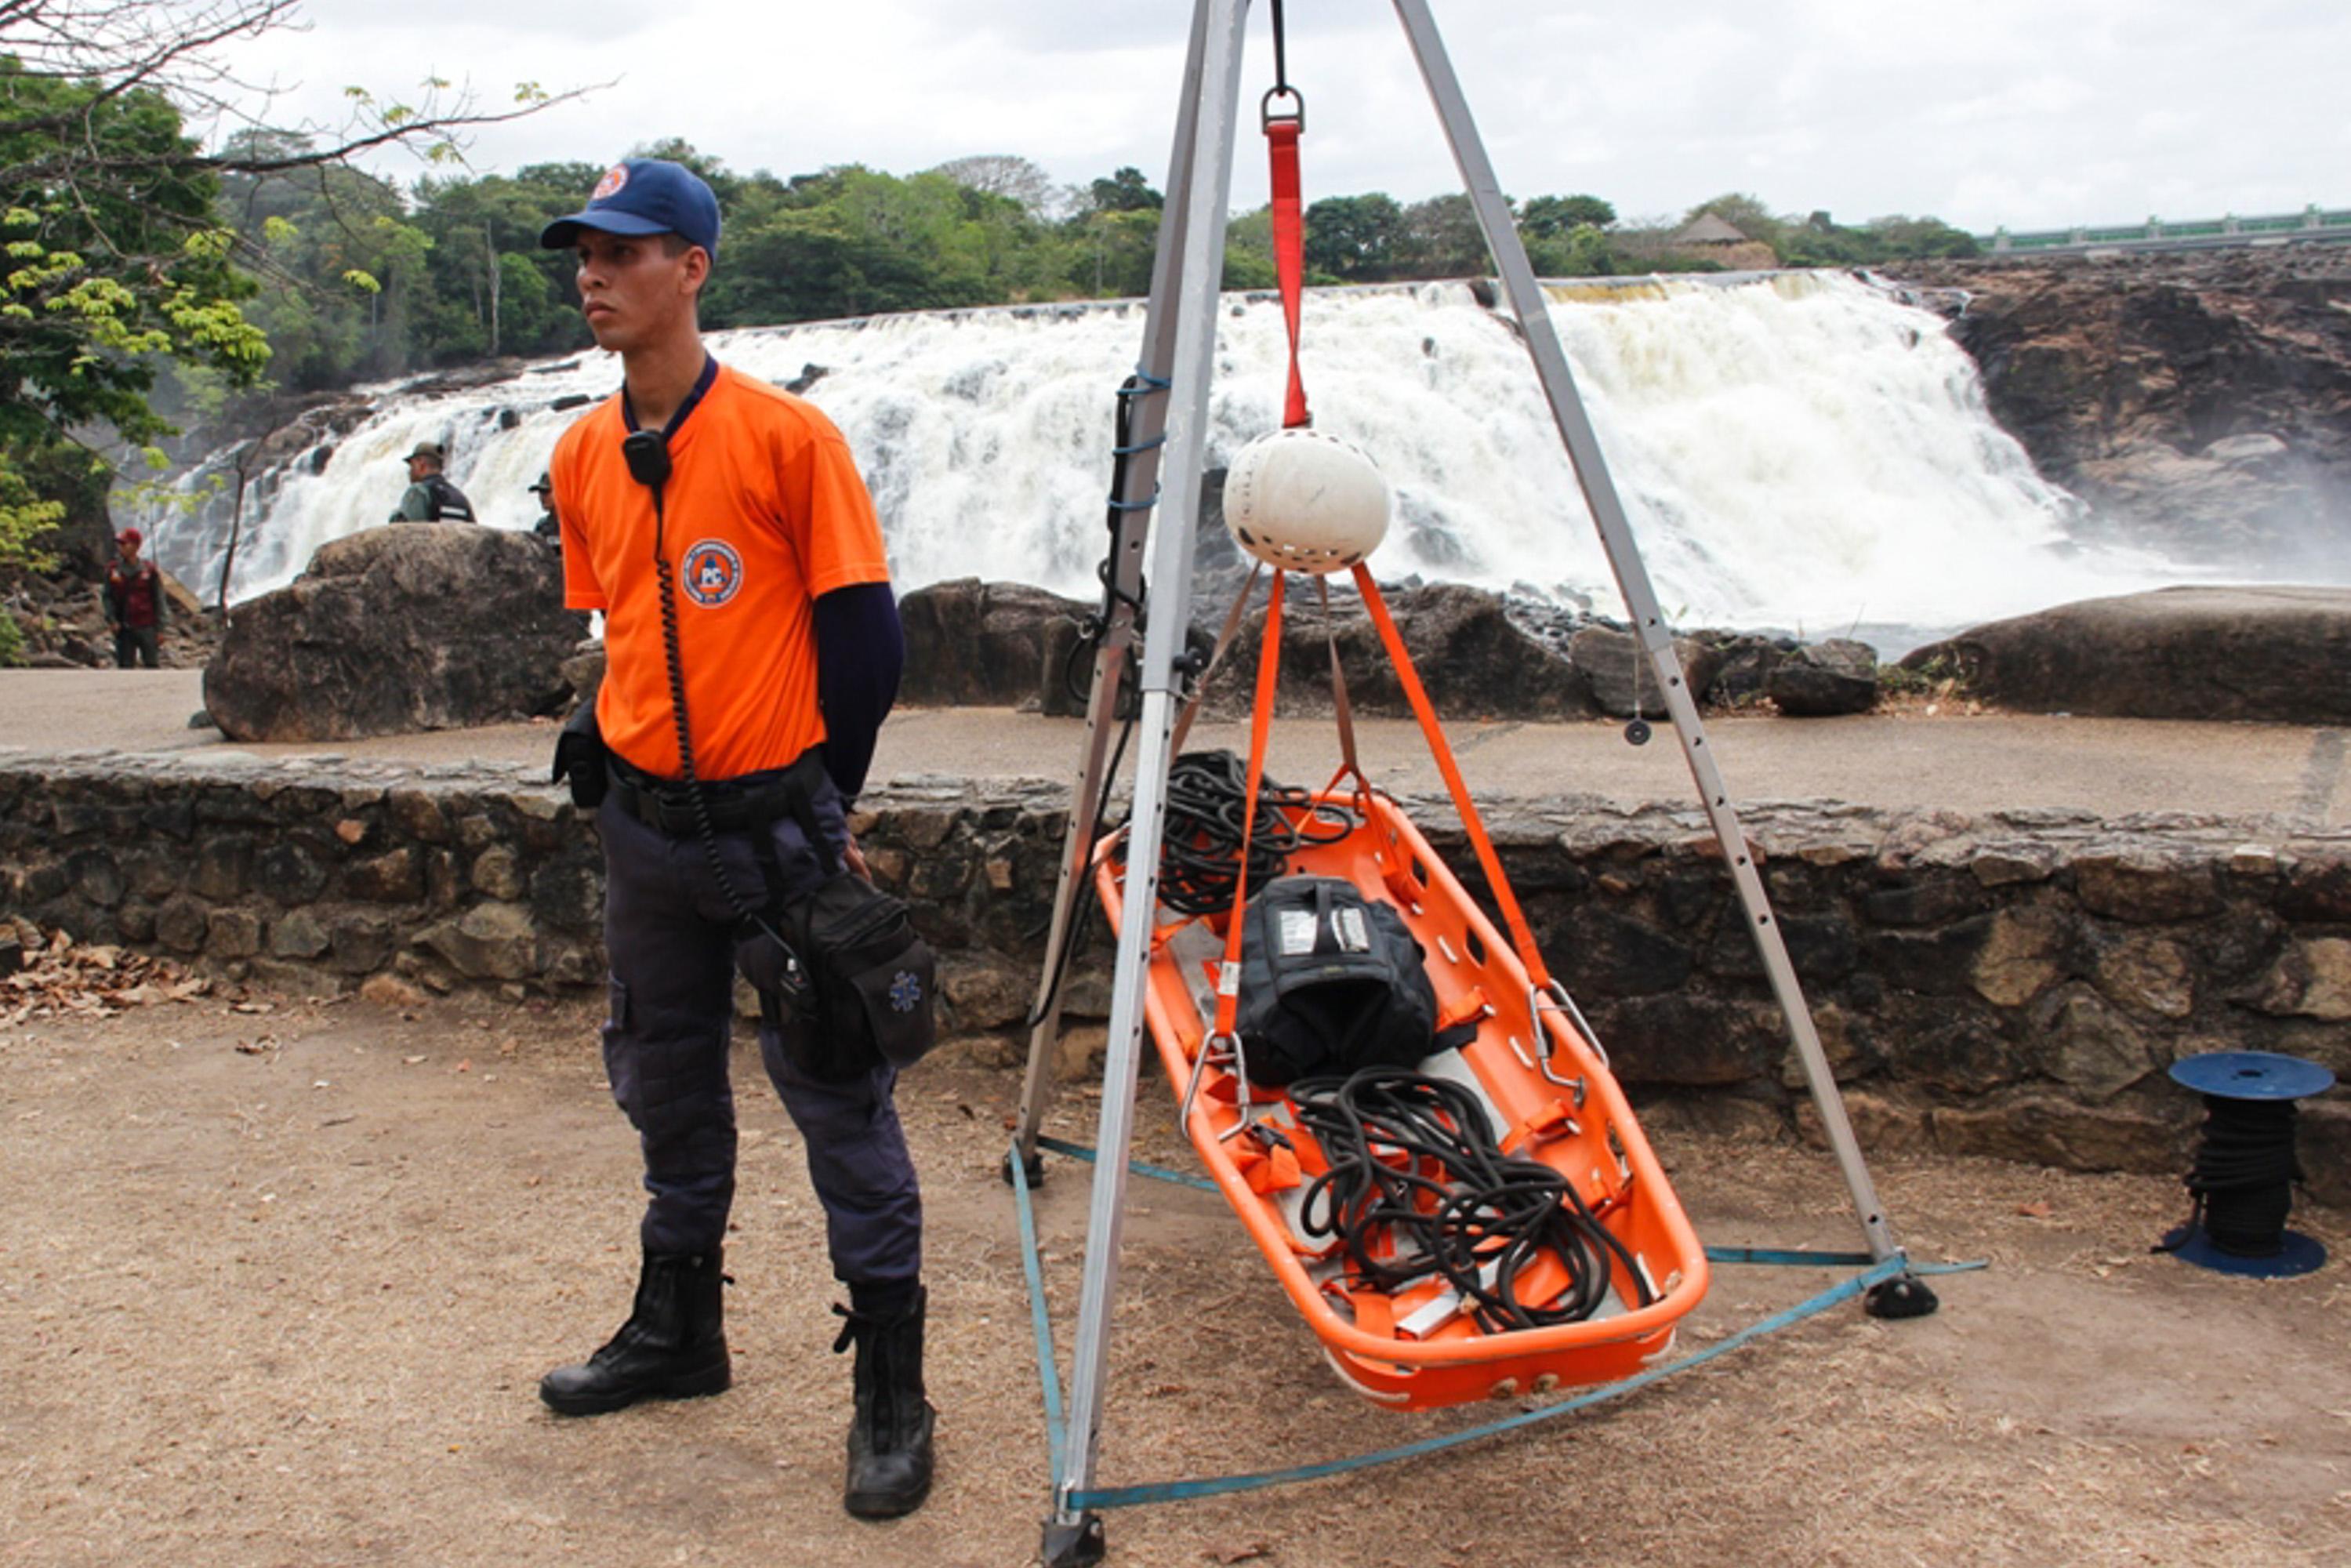 Viceministro GD Edylberto Molina Supervisión Carnavales en el Parque La Llovizna Ciudad Bolivar (4)